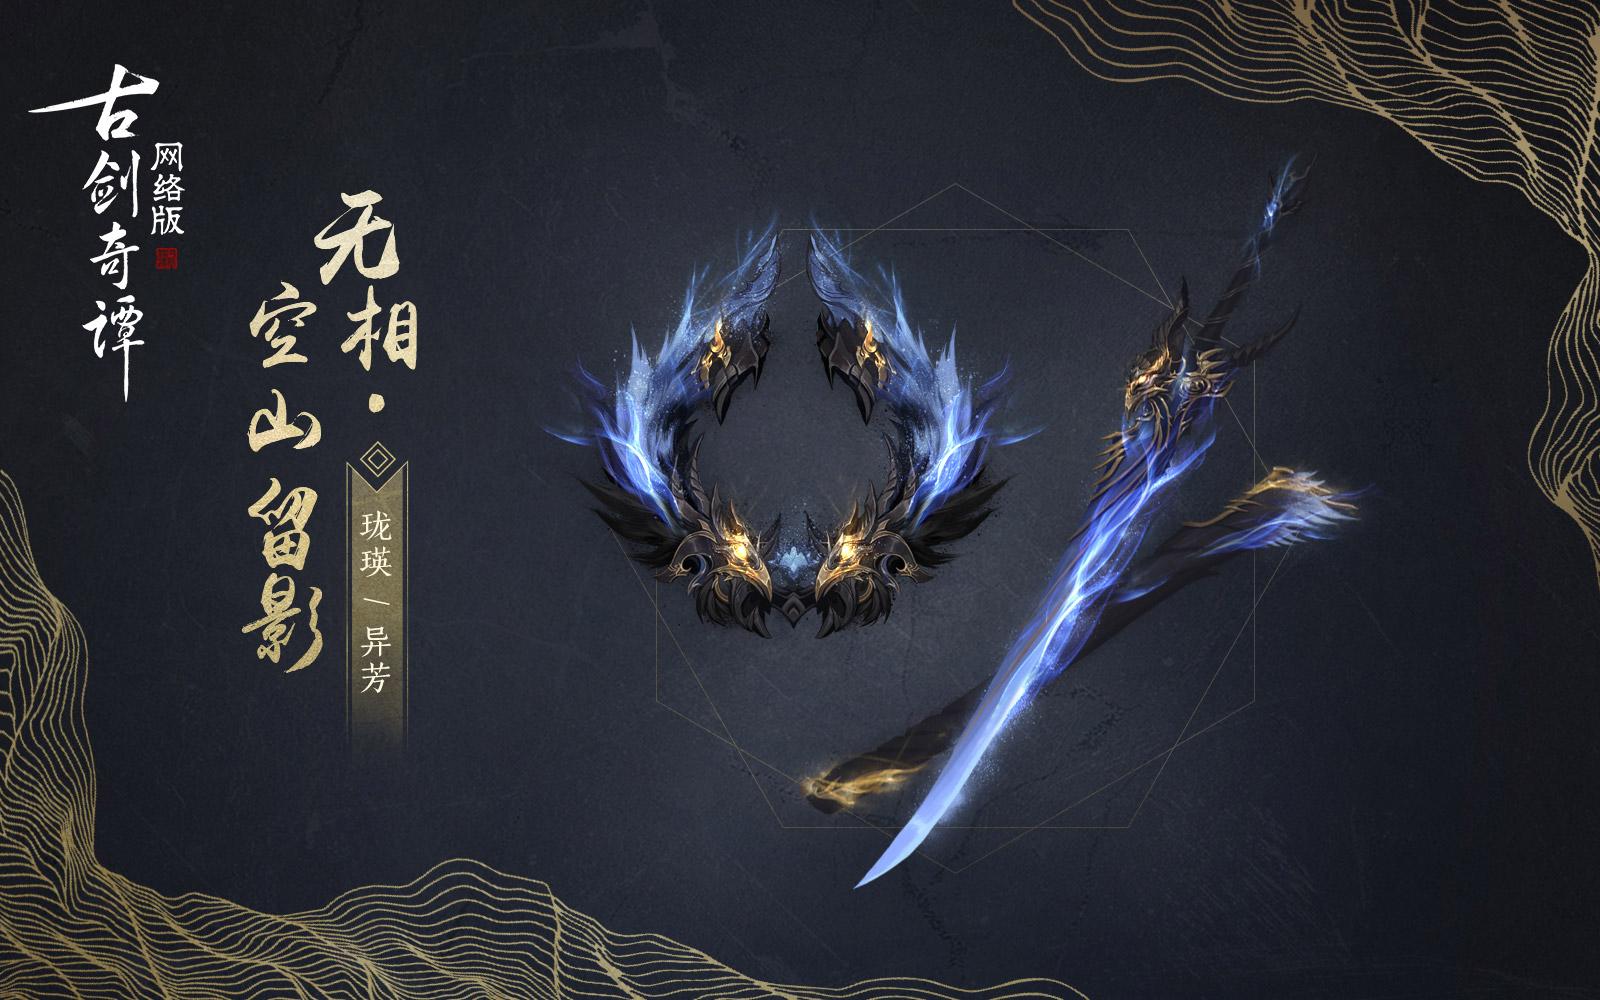 《古剑奇谭OL》异芳空山留影武器外观